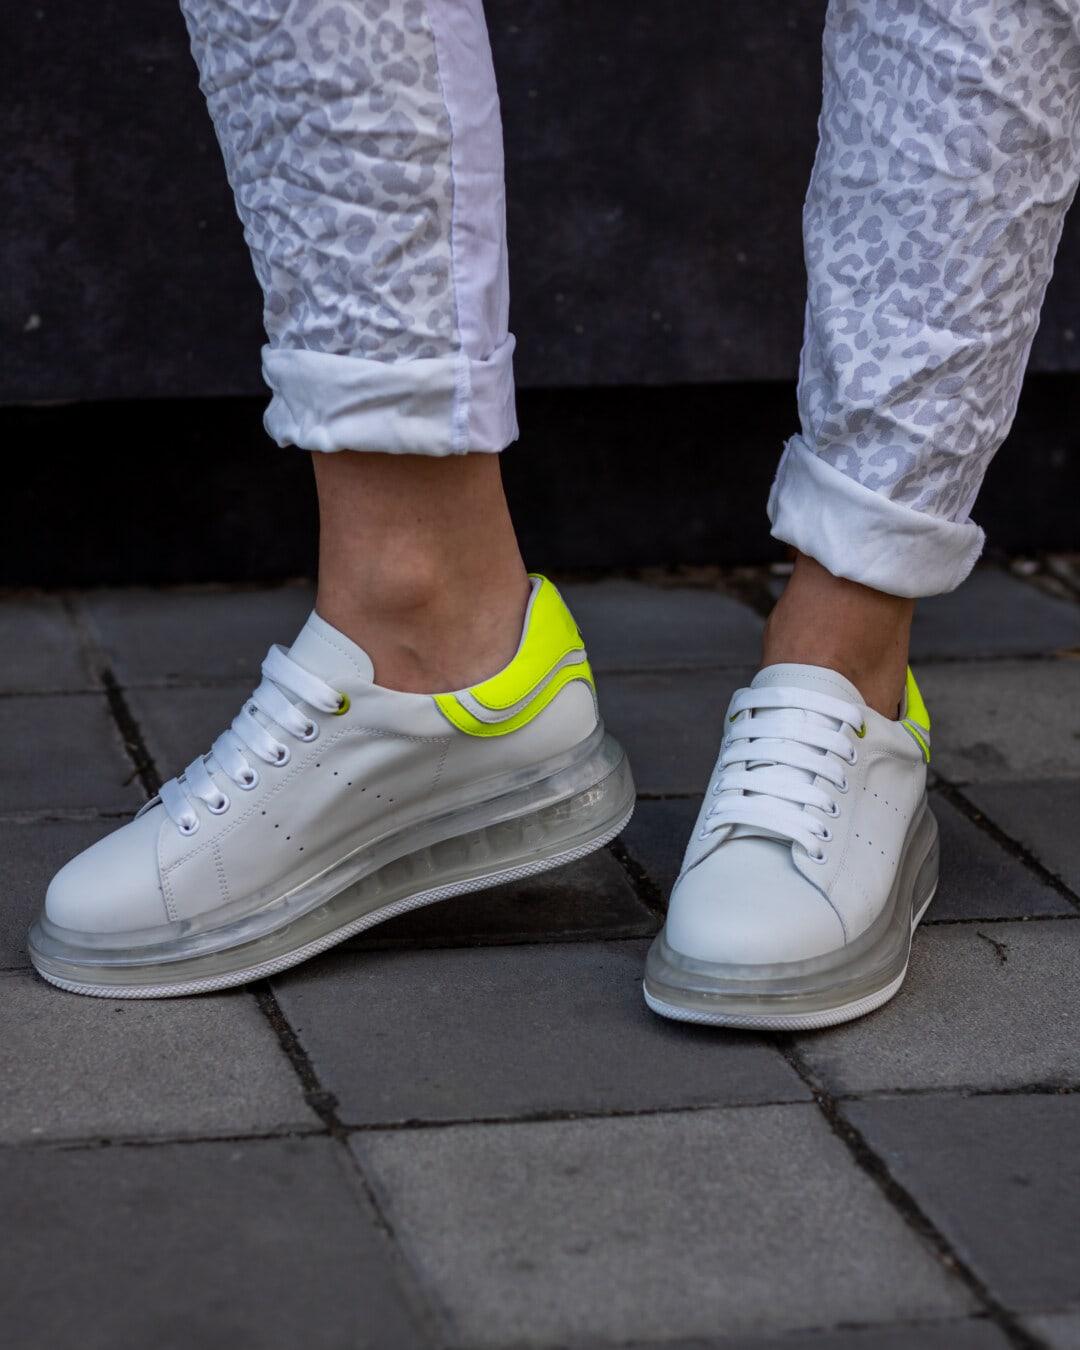 weiß, moderne, Turnschuhe, Ohr, Kautschuk, Beine, Mädchen, Straße, Schuhe, paar